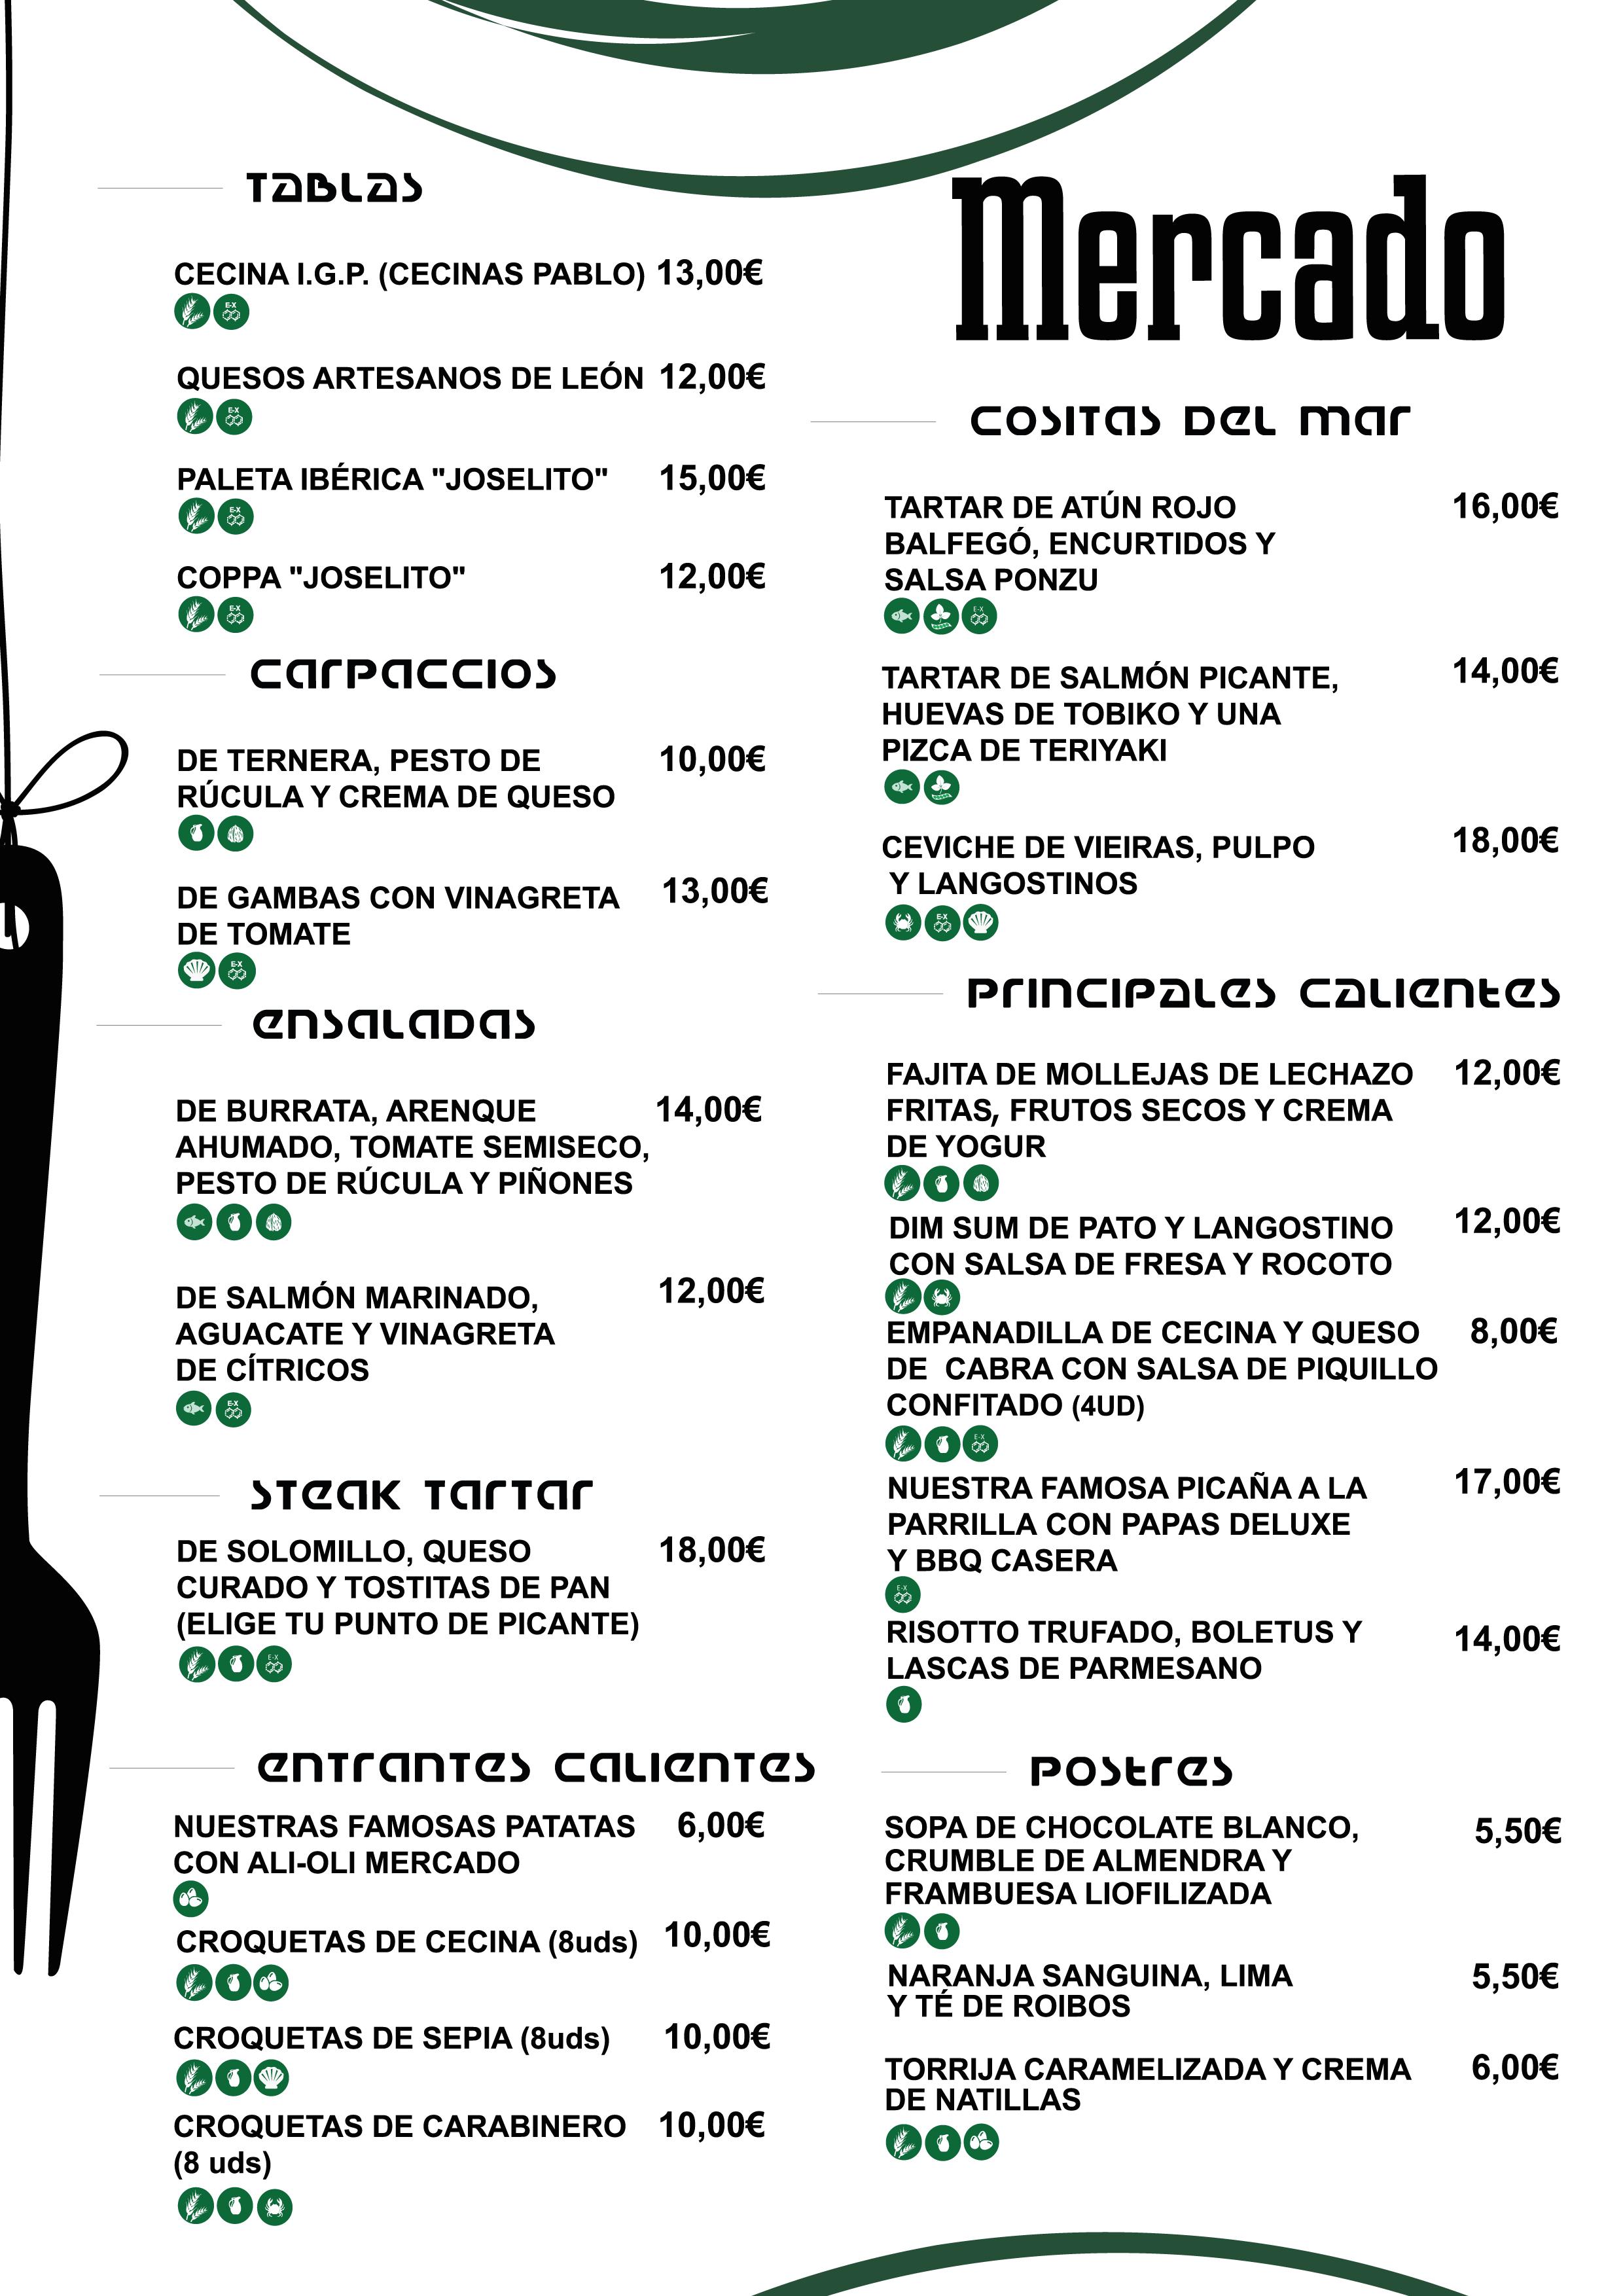 Menú Restaurante Mercado León